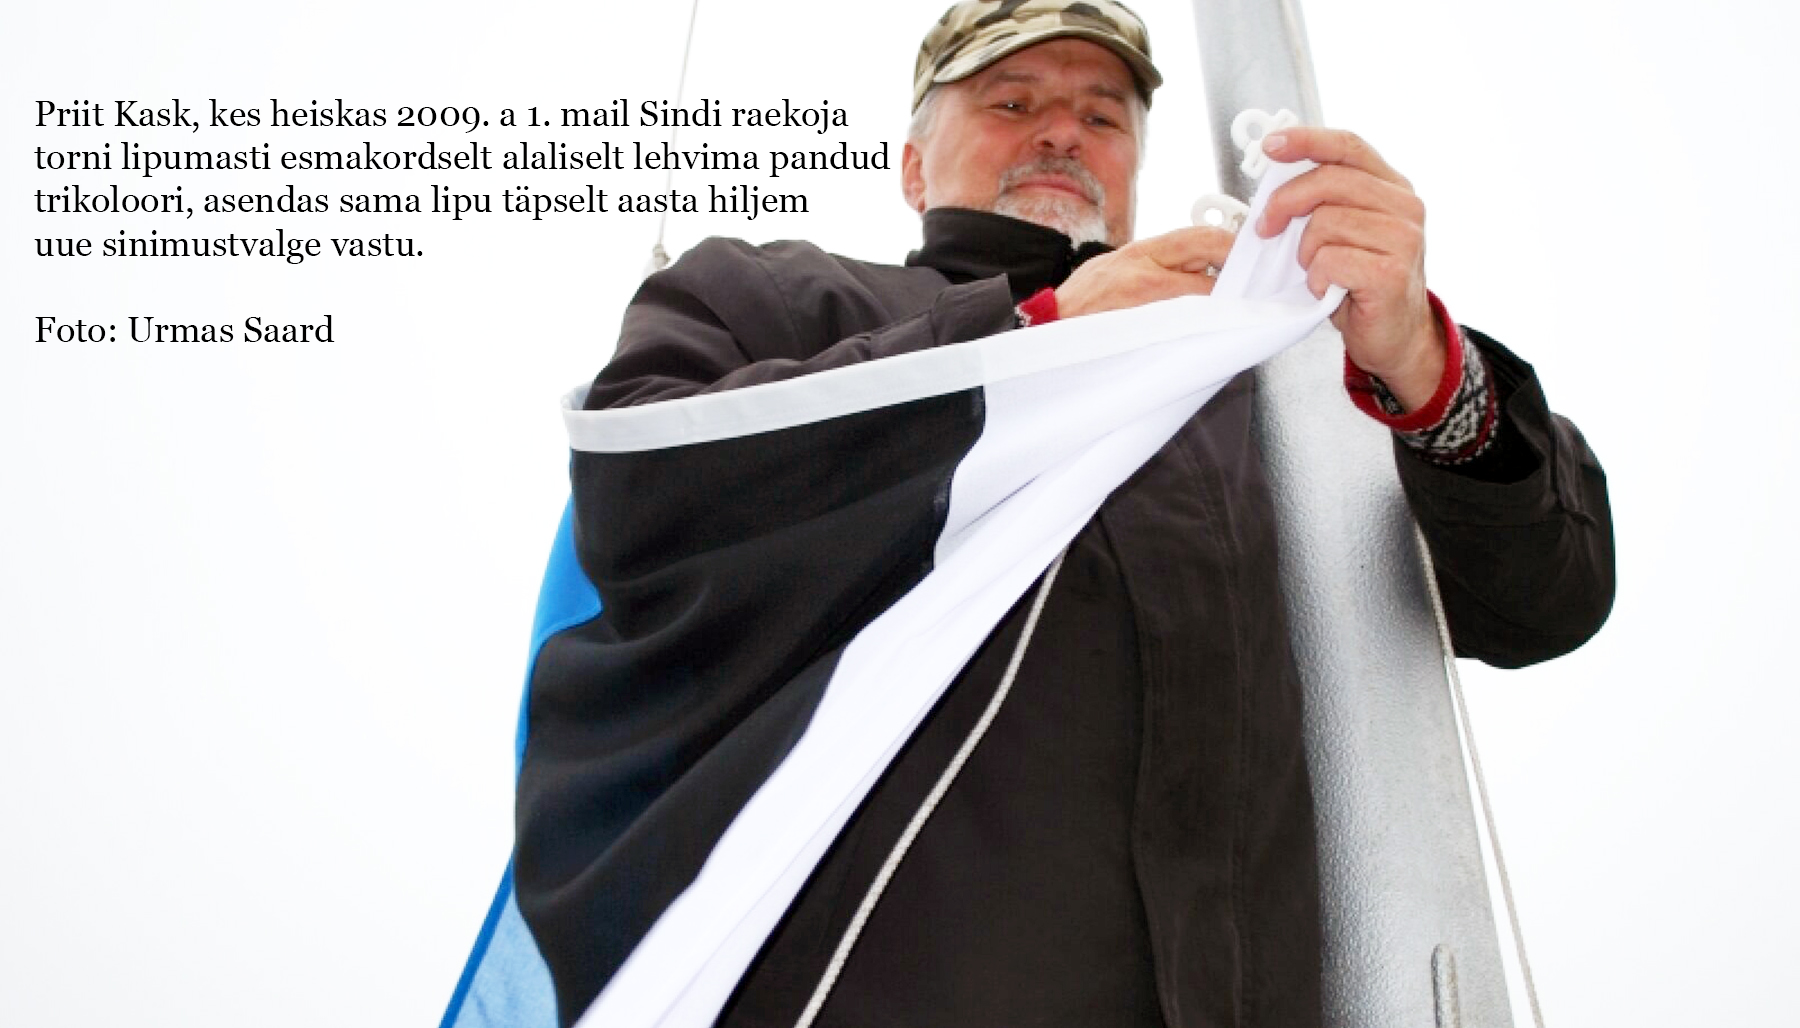 Priit Kask, kes heiskas 2009. a 1. mail Sindi raekoja torni lipumasti esmakordselt alaliselt lehvima pandud trikoloori, asendas sama lipu täpselt aasta hiljem uue sinimustvalge vastu. Foto Urmas Saard